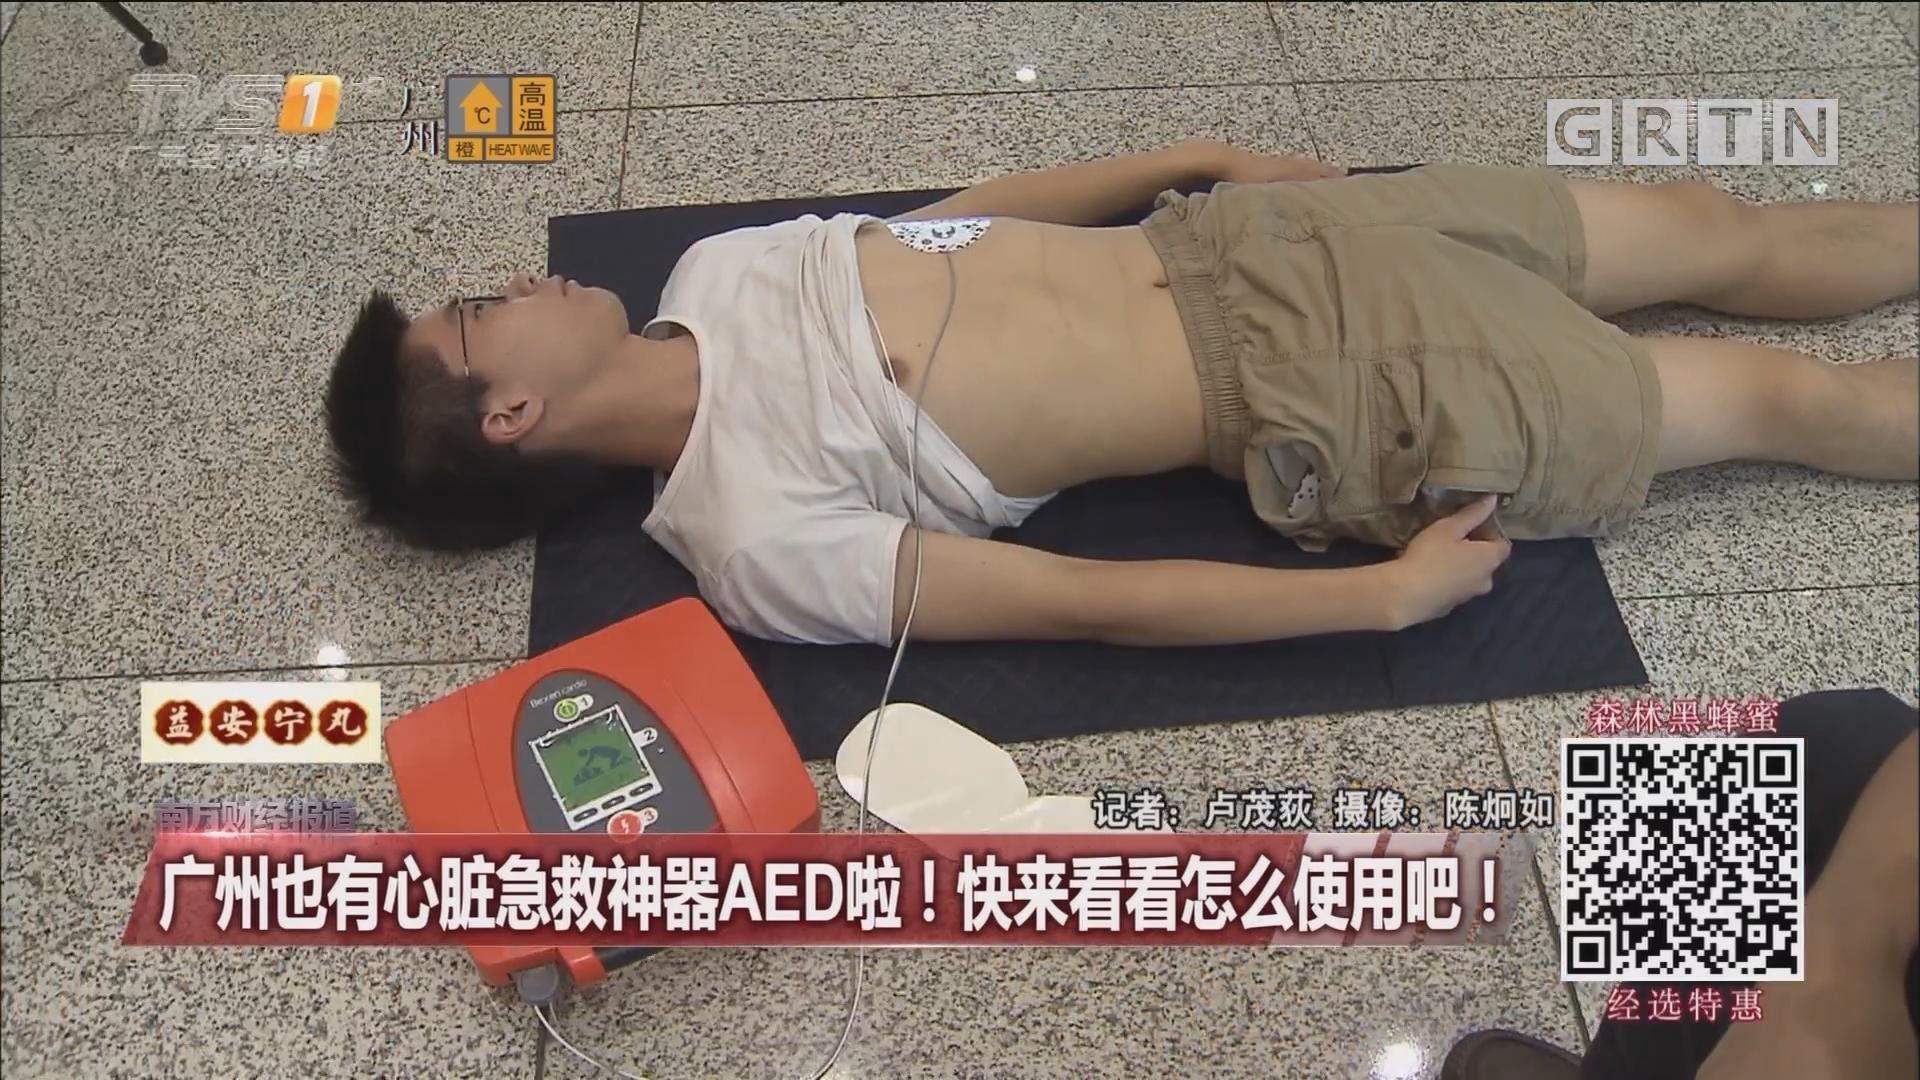 广州也有心脏急救神器AED啦!快来看看怎么使用吧!